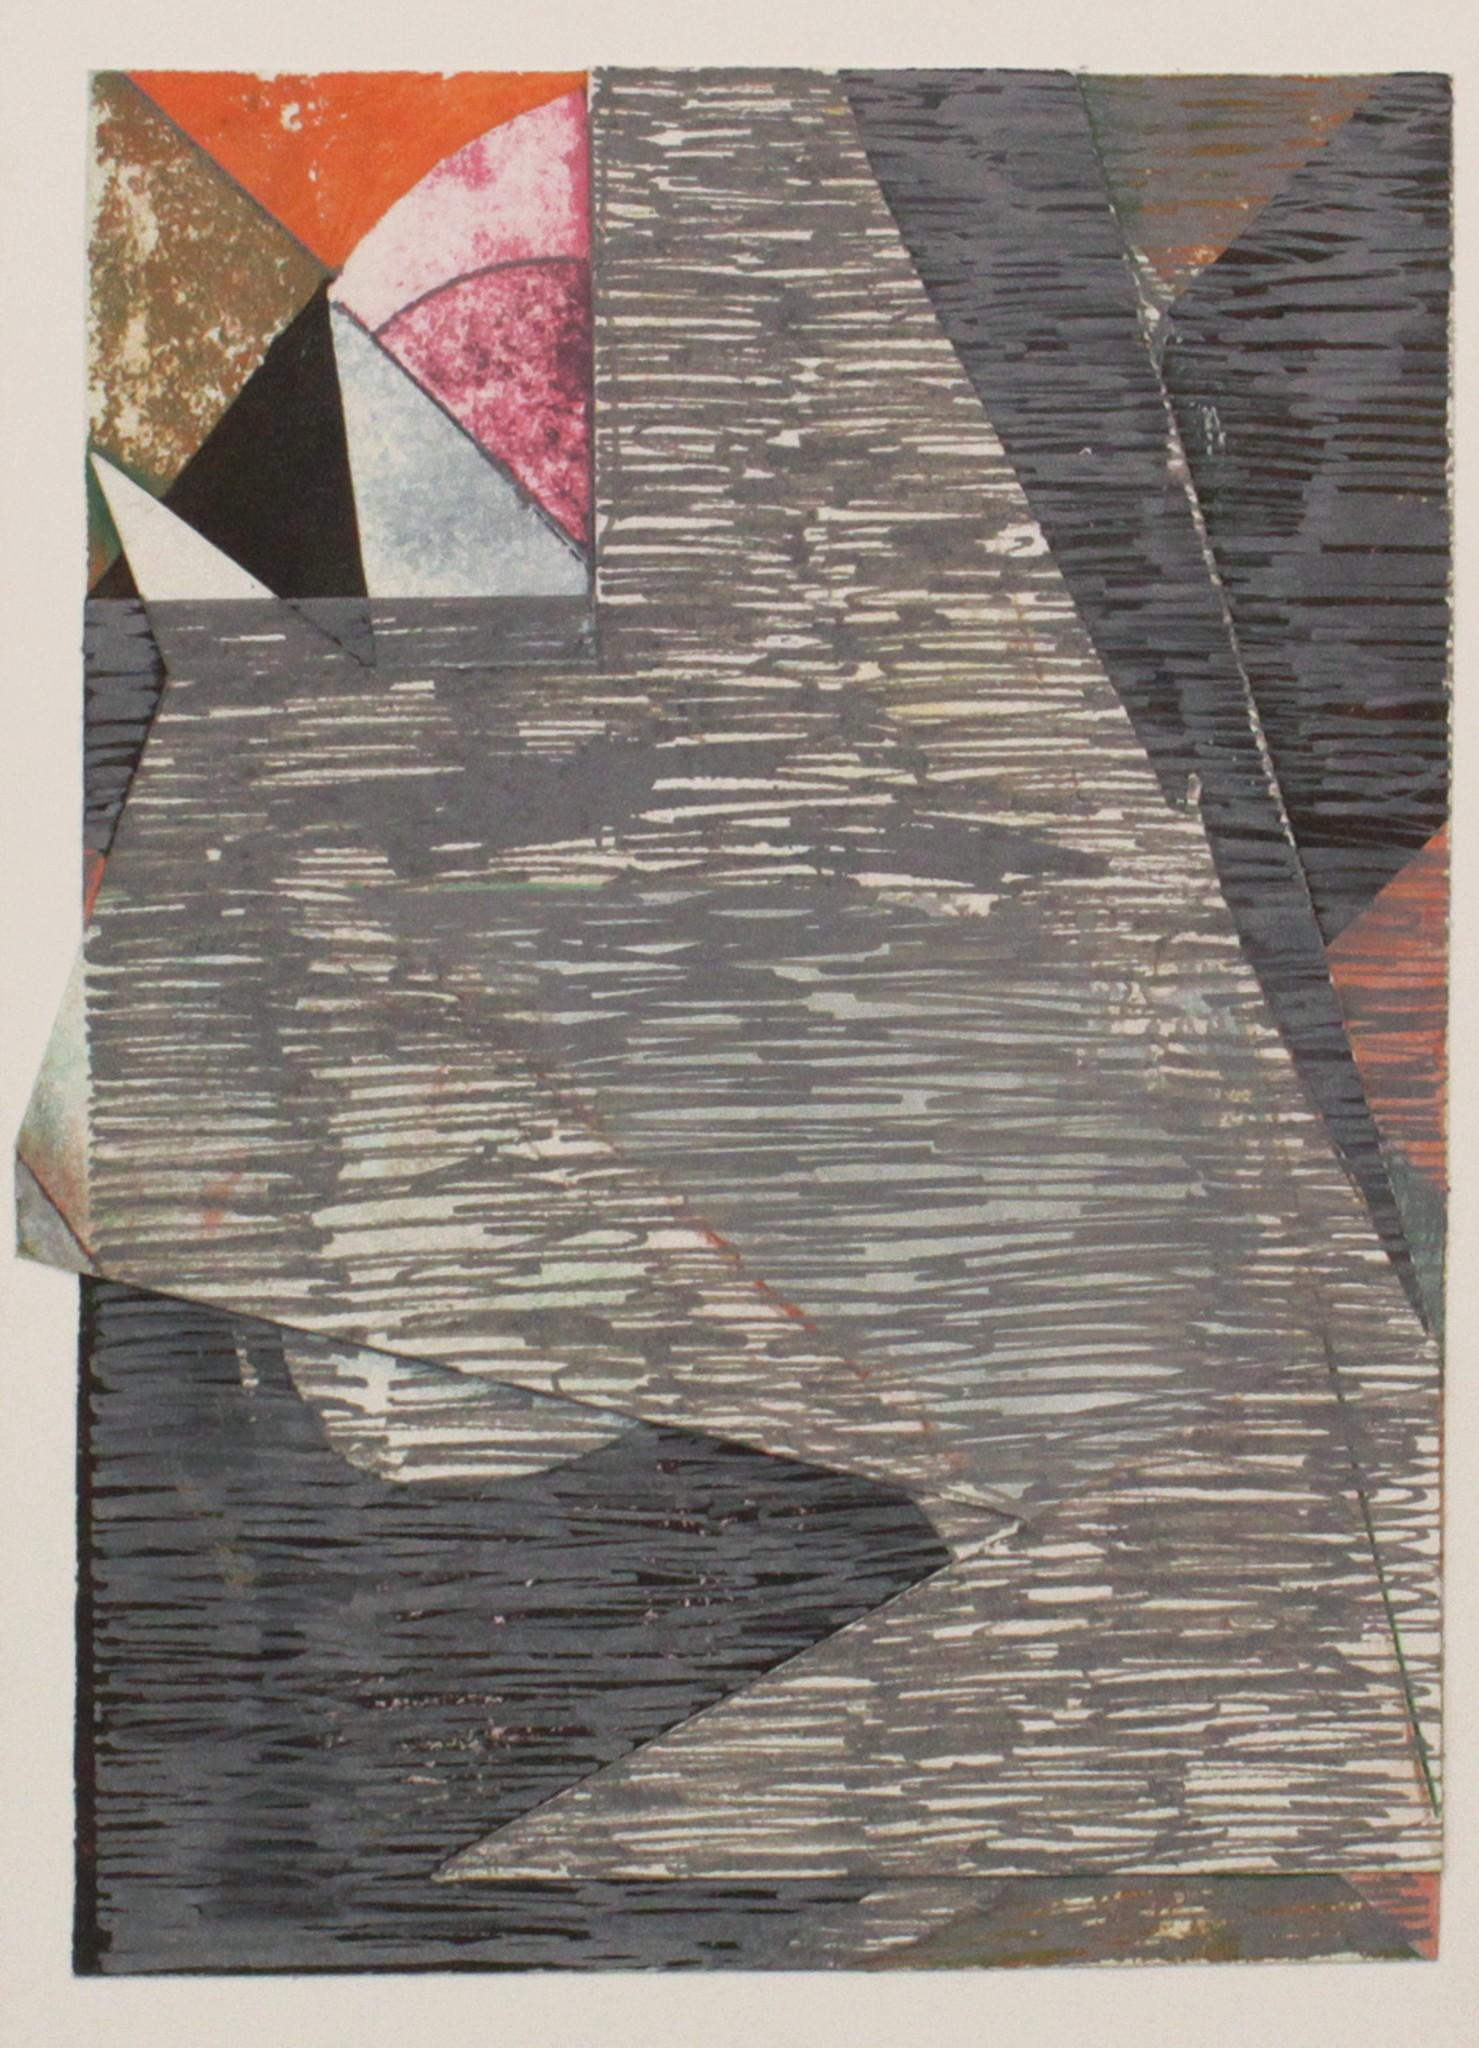 Utan titel kollage, gouache på kartong, 29 x 21 cm, 2019